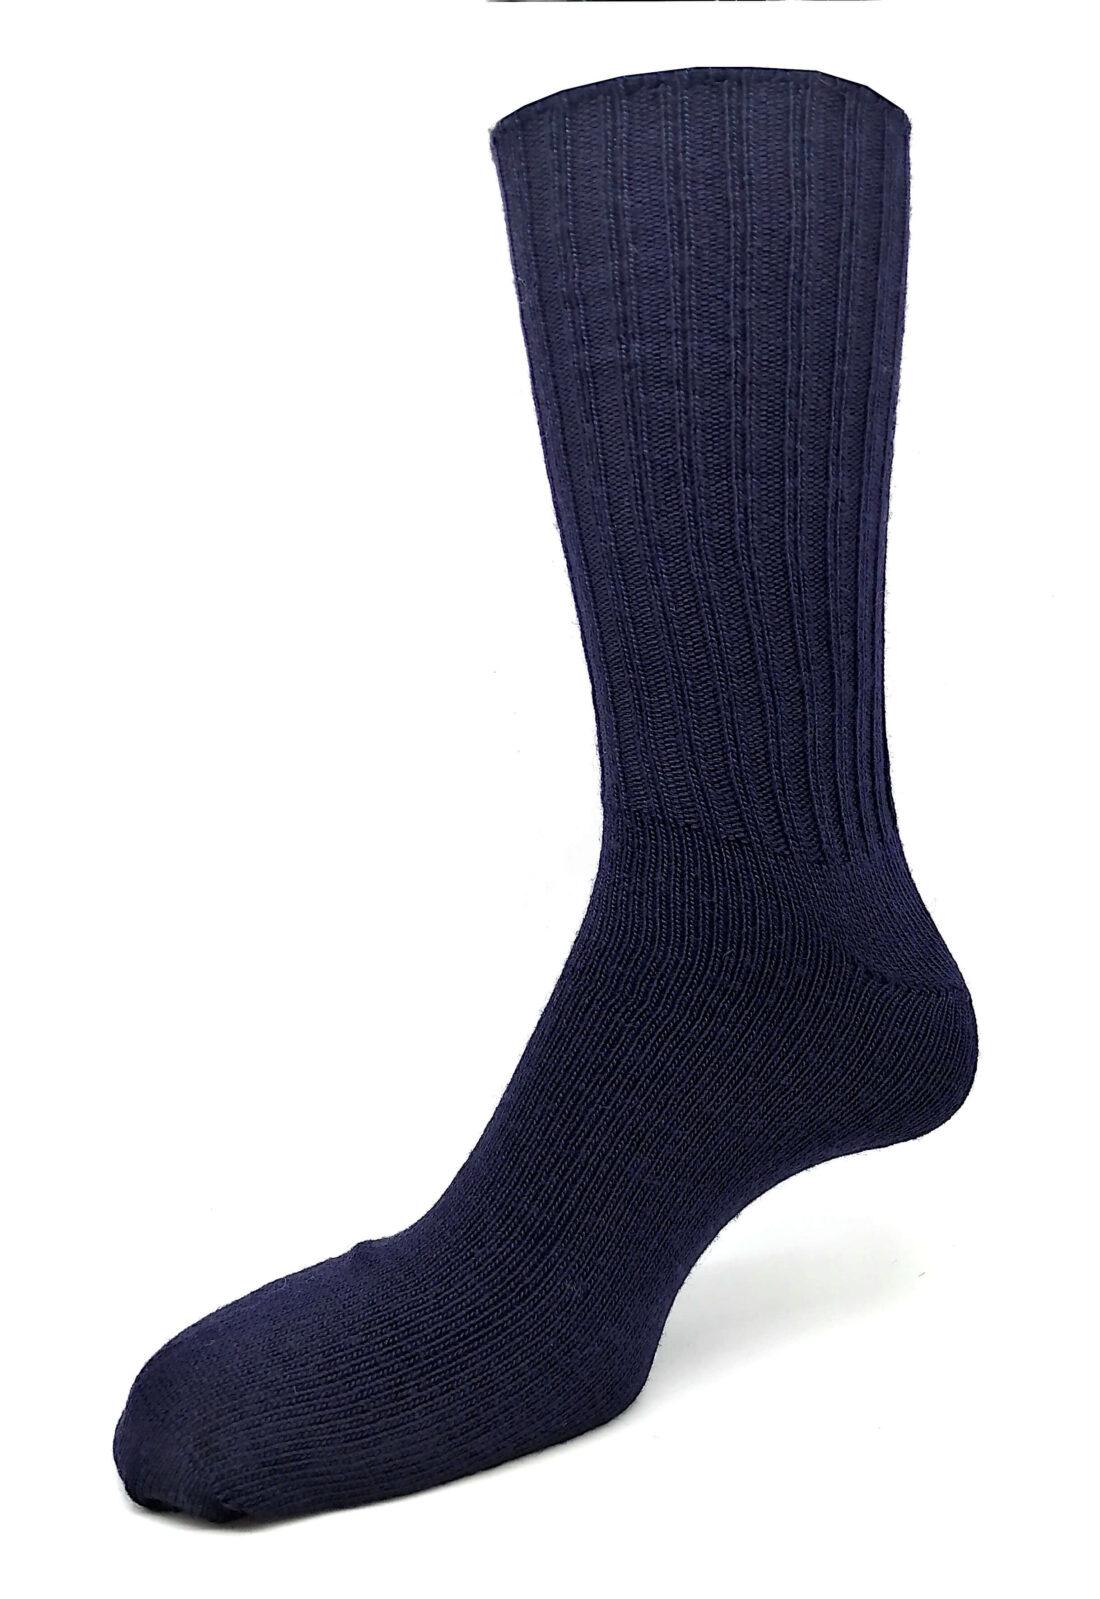 wool crew socks